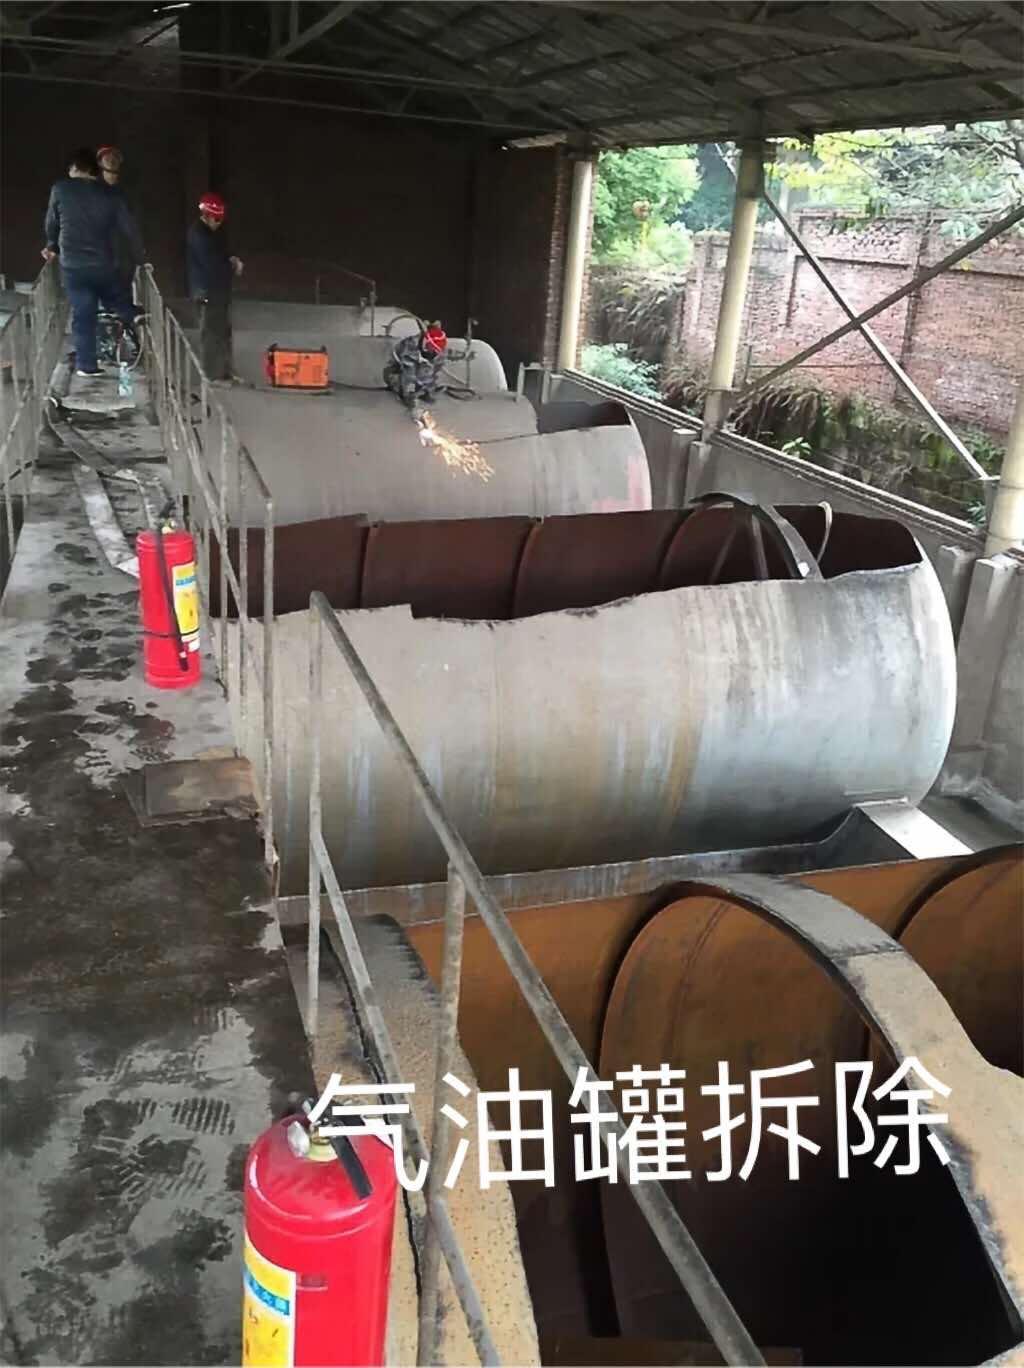 德阳专业油罐清洗公司